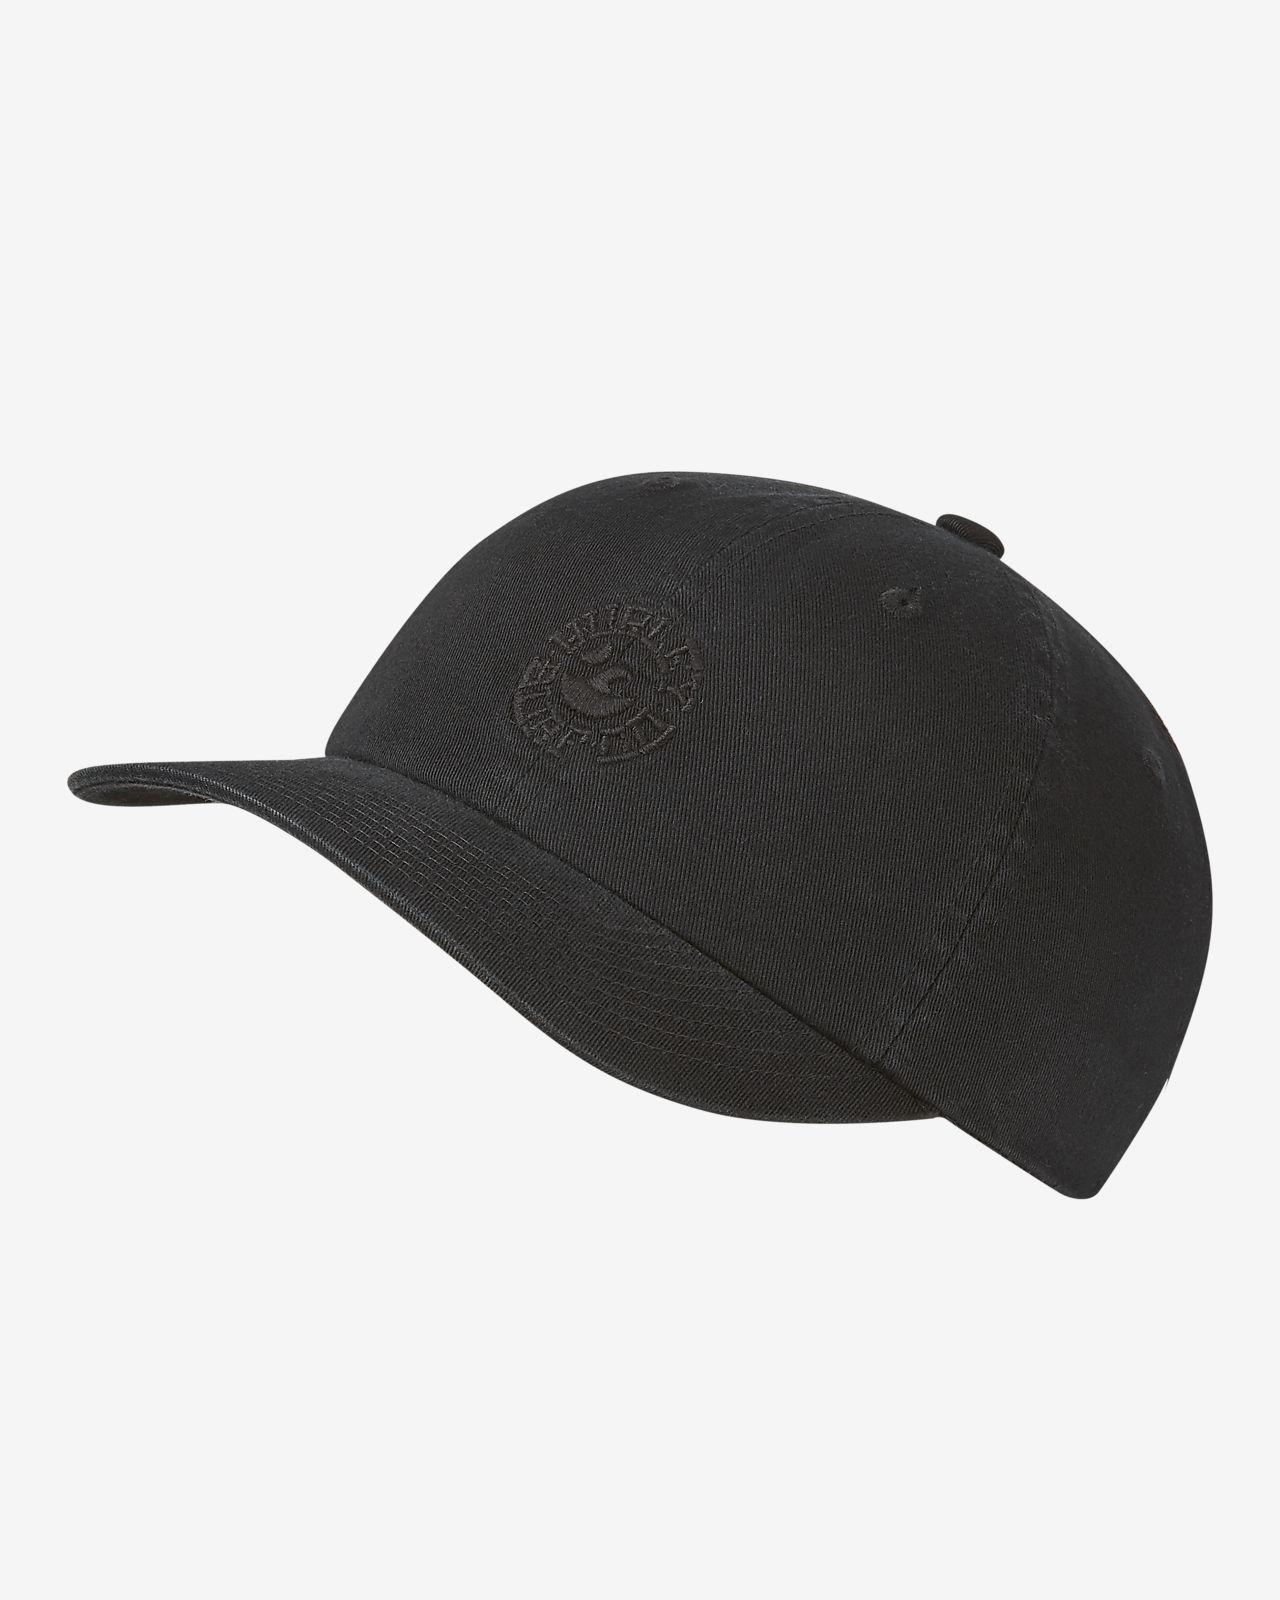 Hurley Good Times Men's Hat